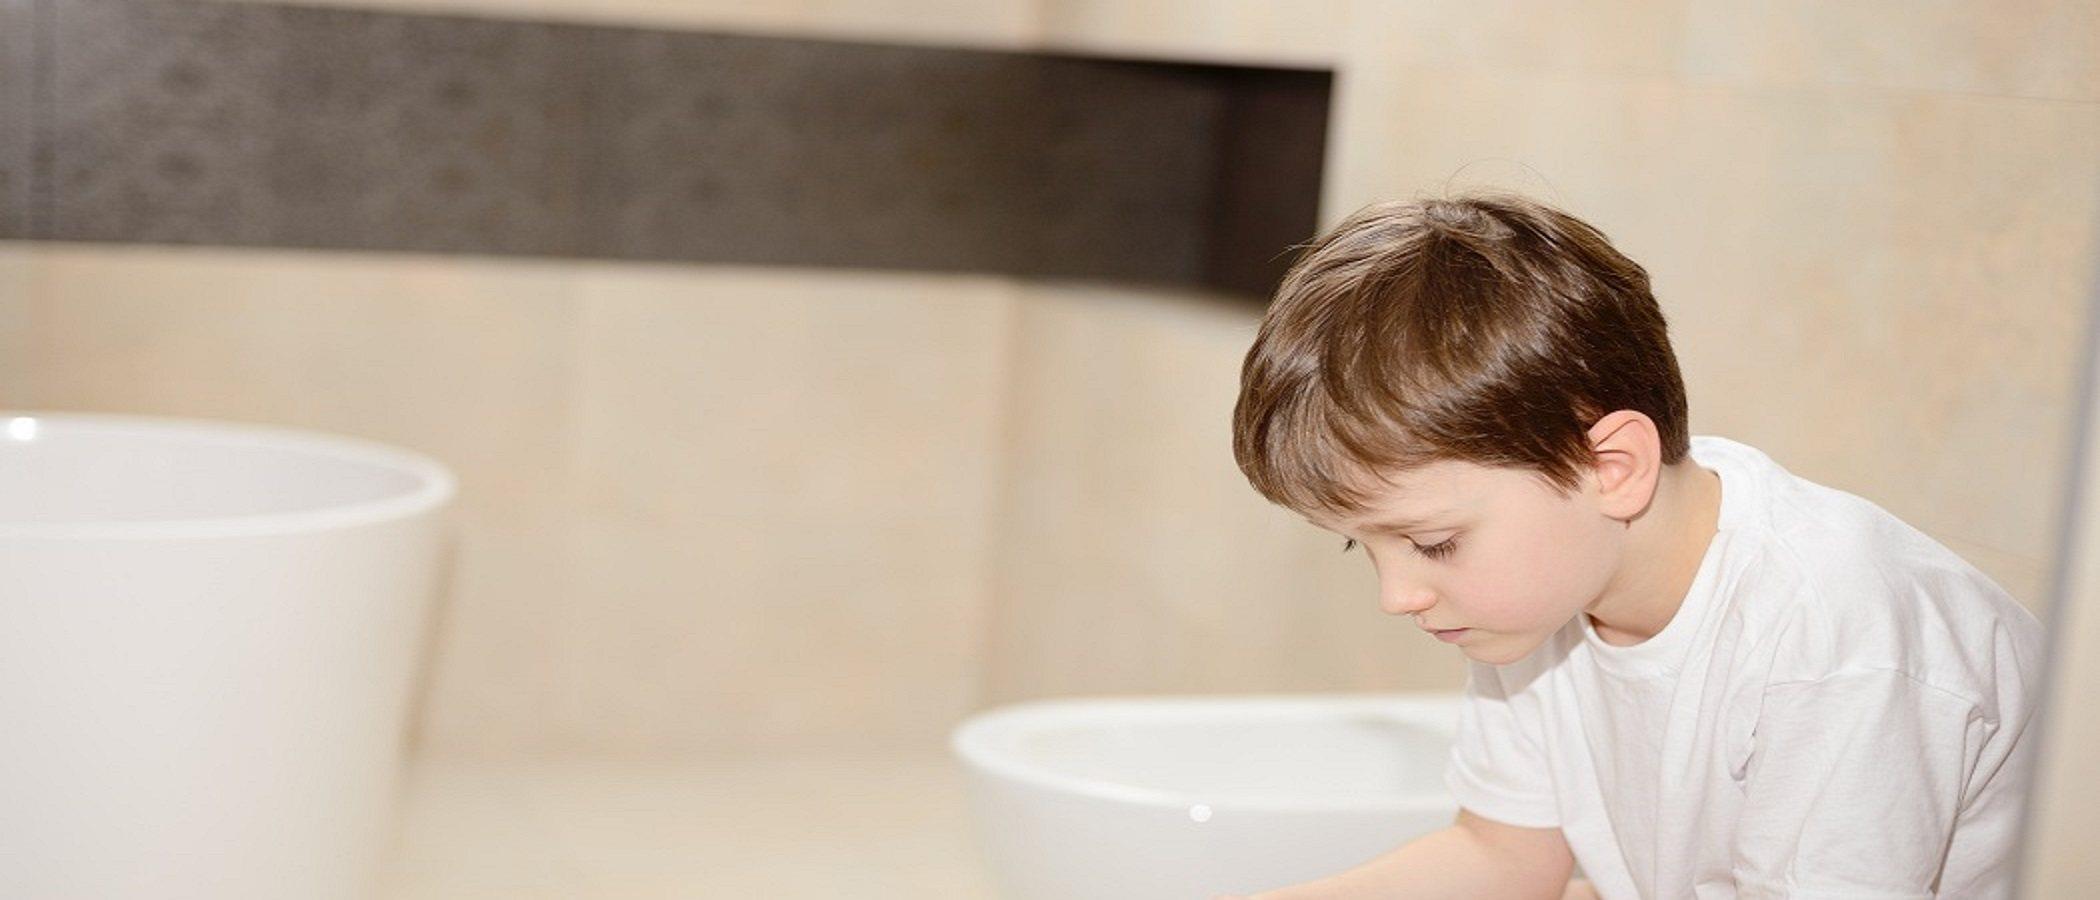 Cómo parar la diarrea en un niño pequeño